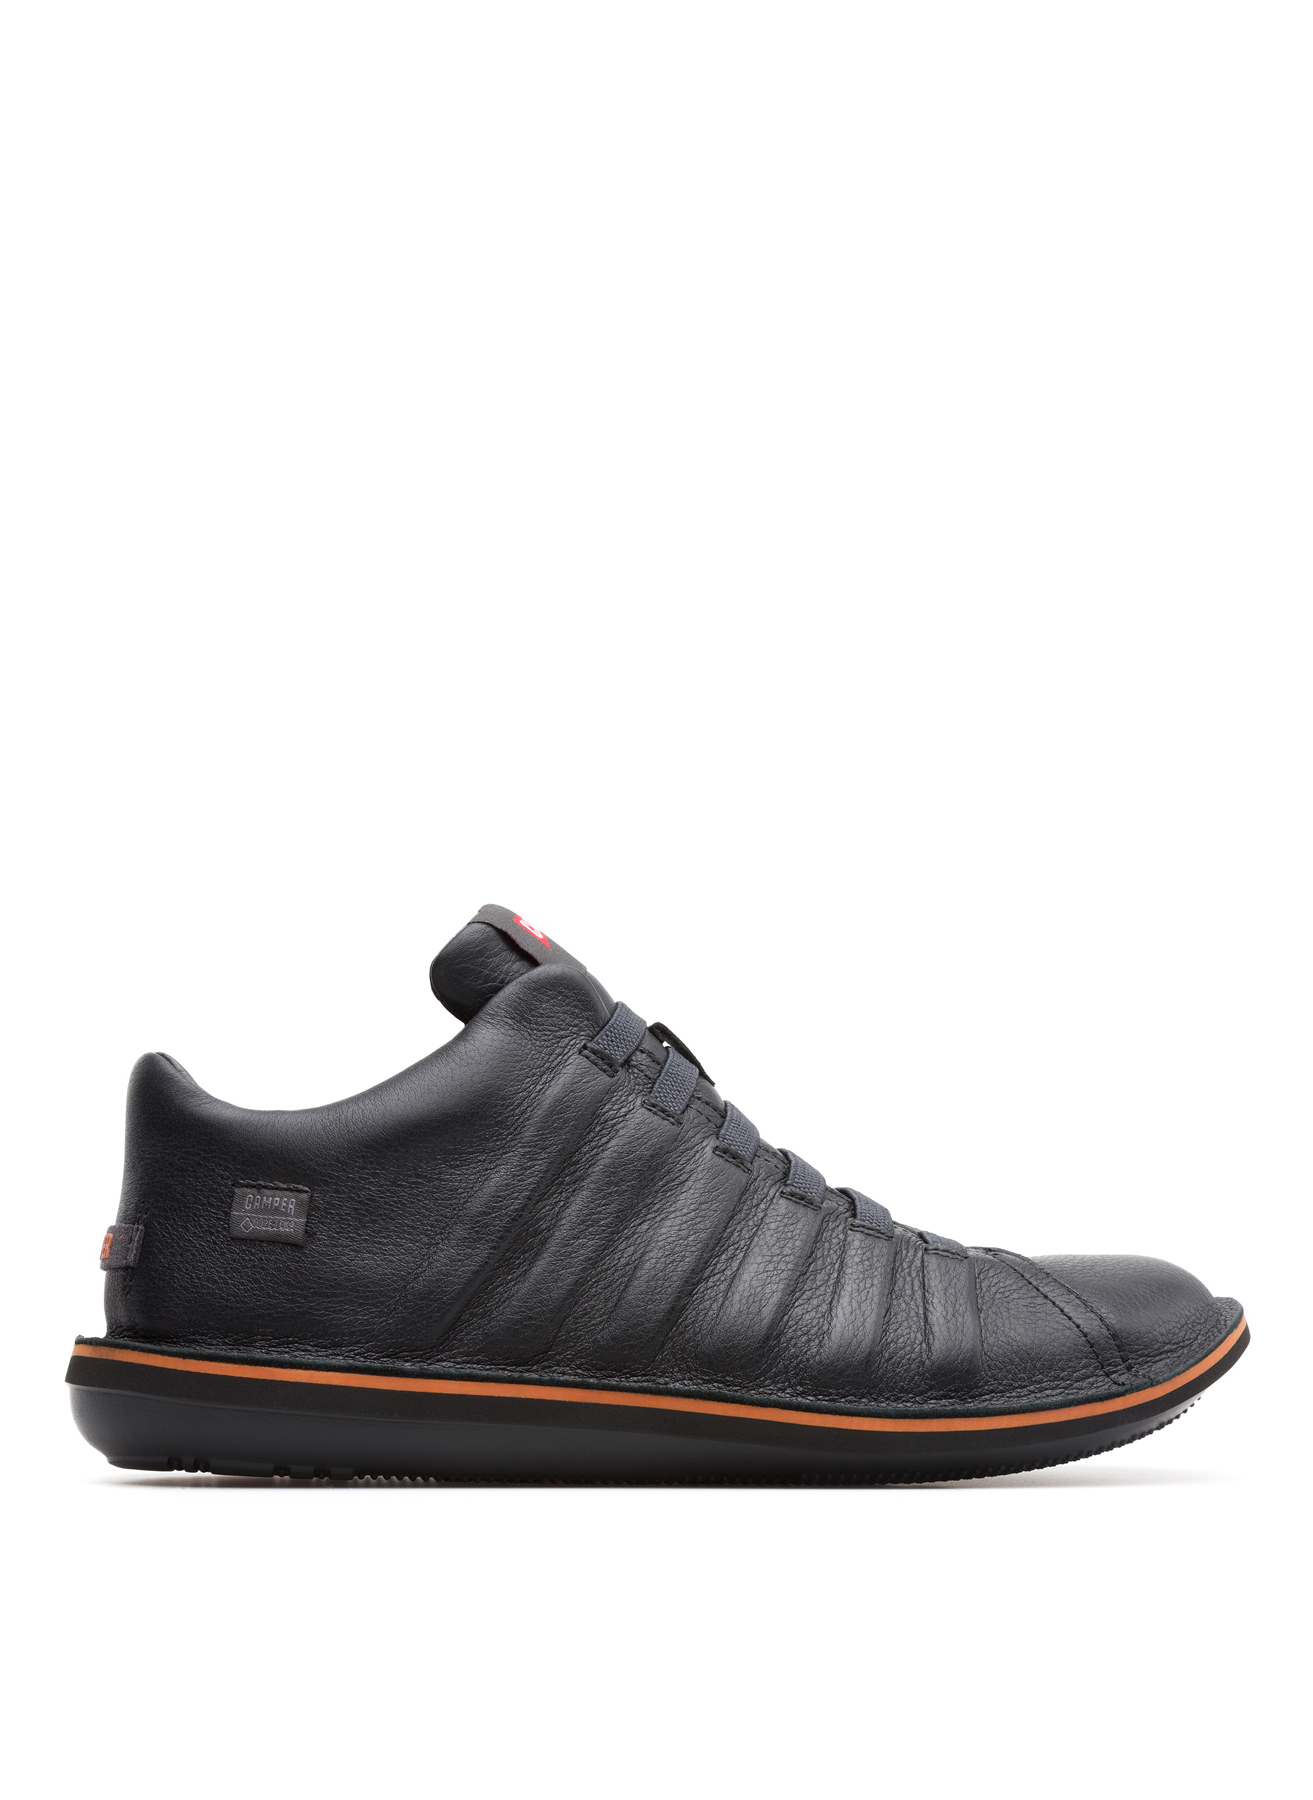 Camper Erkek Deri Lacivert Klasik Ayakkabı 42 5001922565004 Ürün Resmi